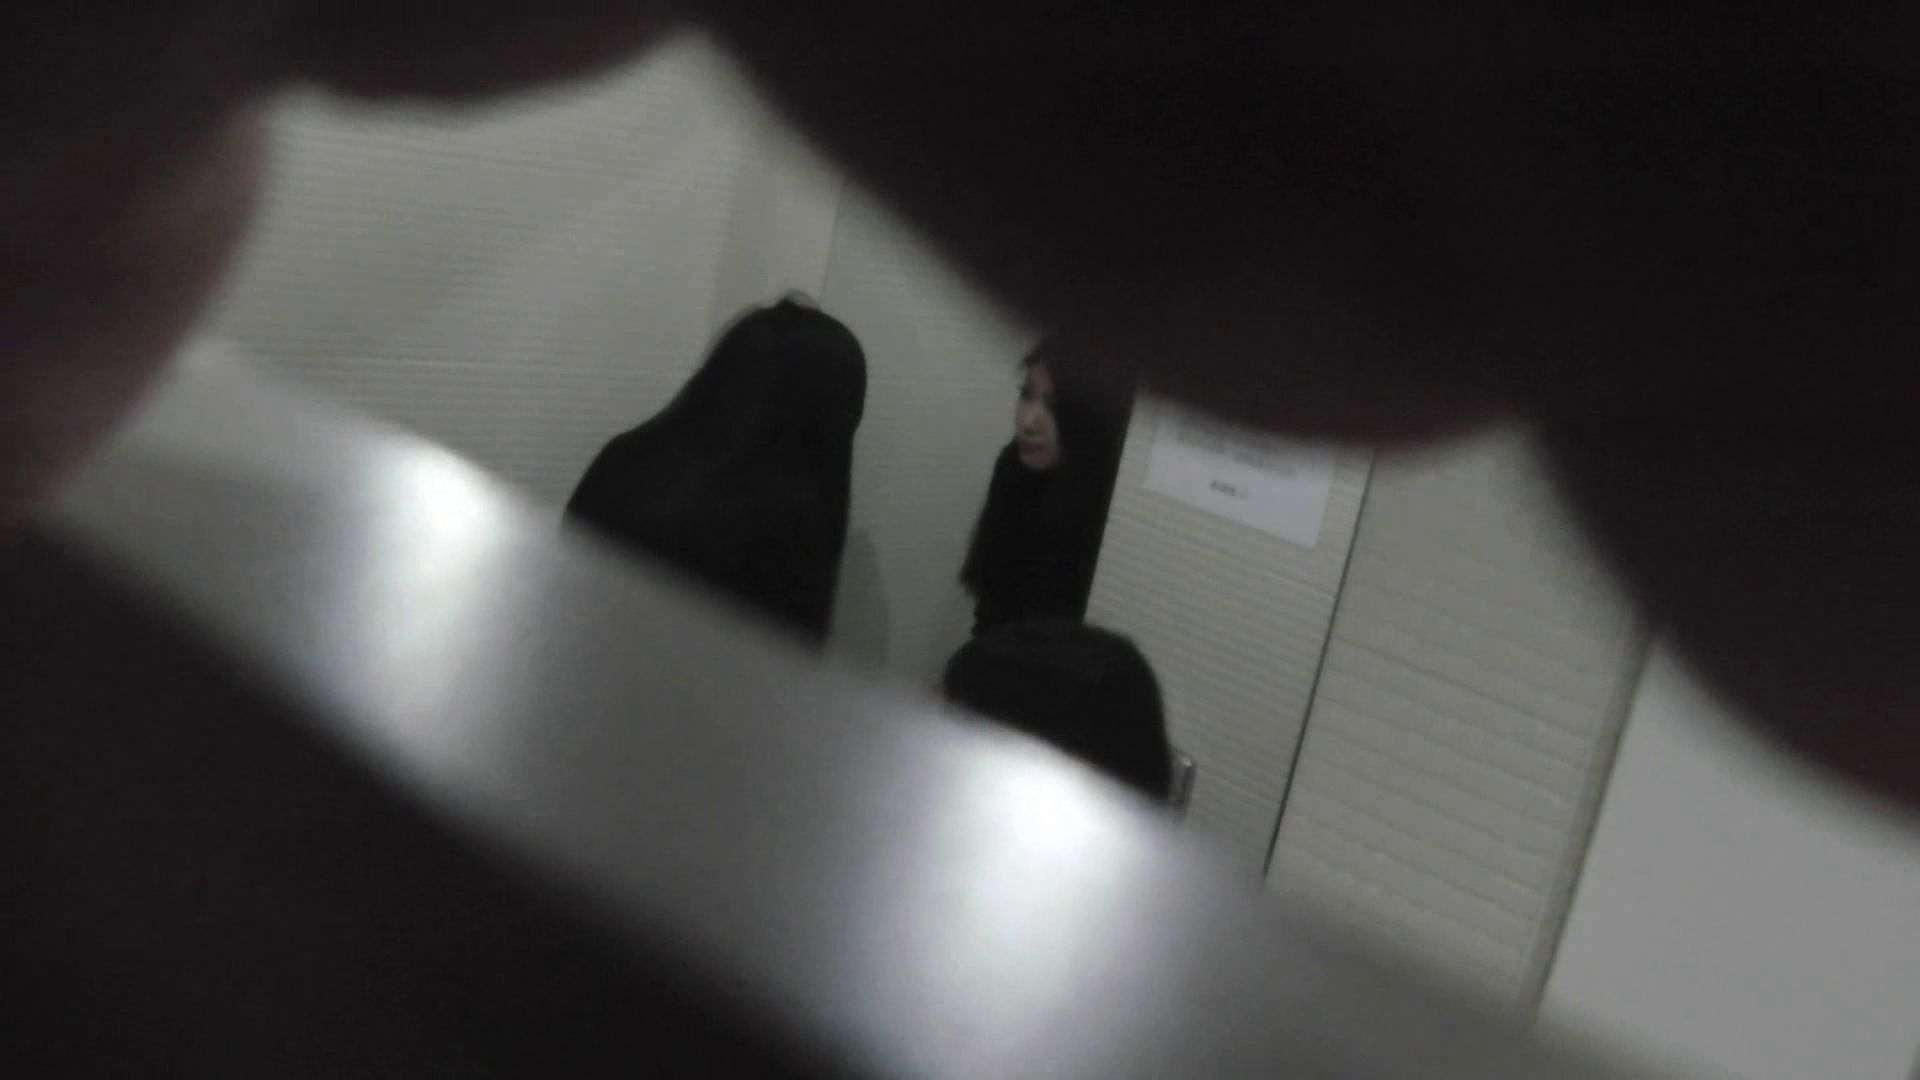 【日本成人用品展览会。超模如云】vol.01 着替|空爆 潜入突撃  103pic 102